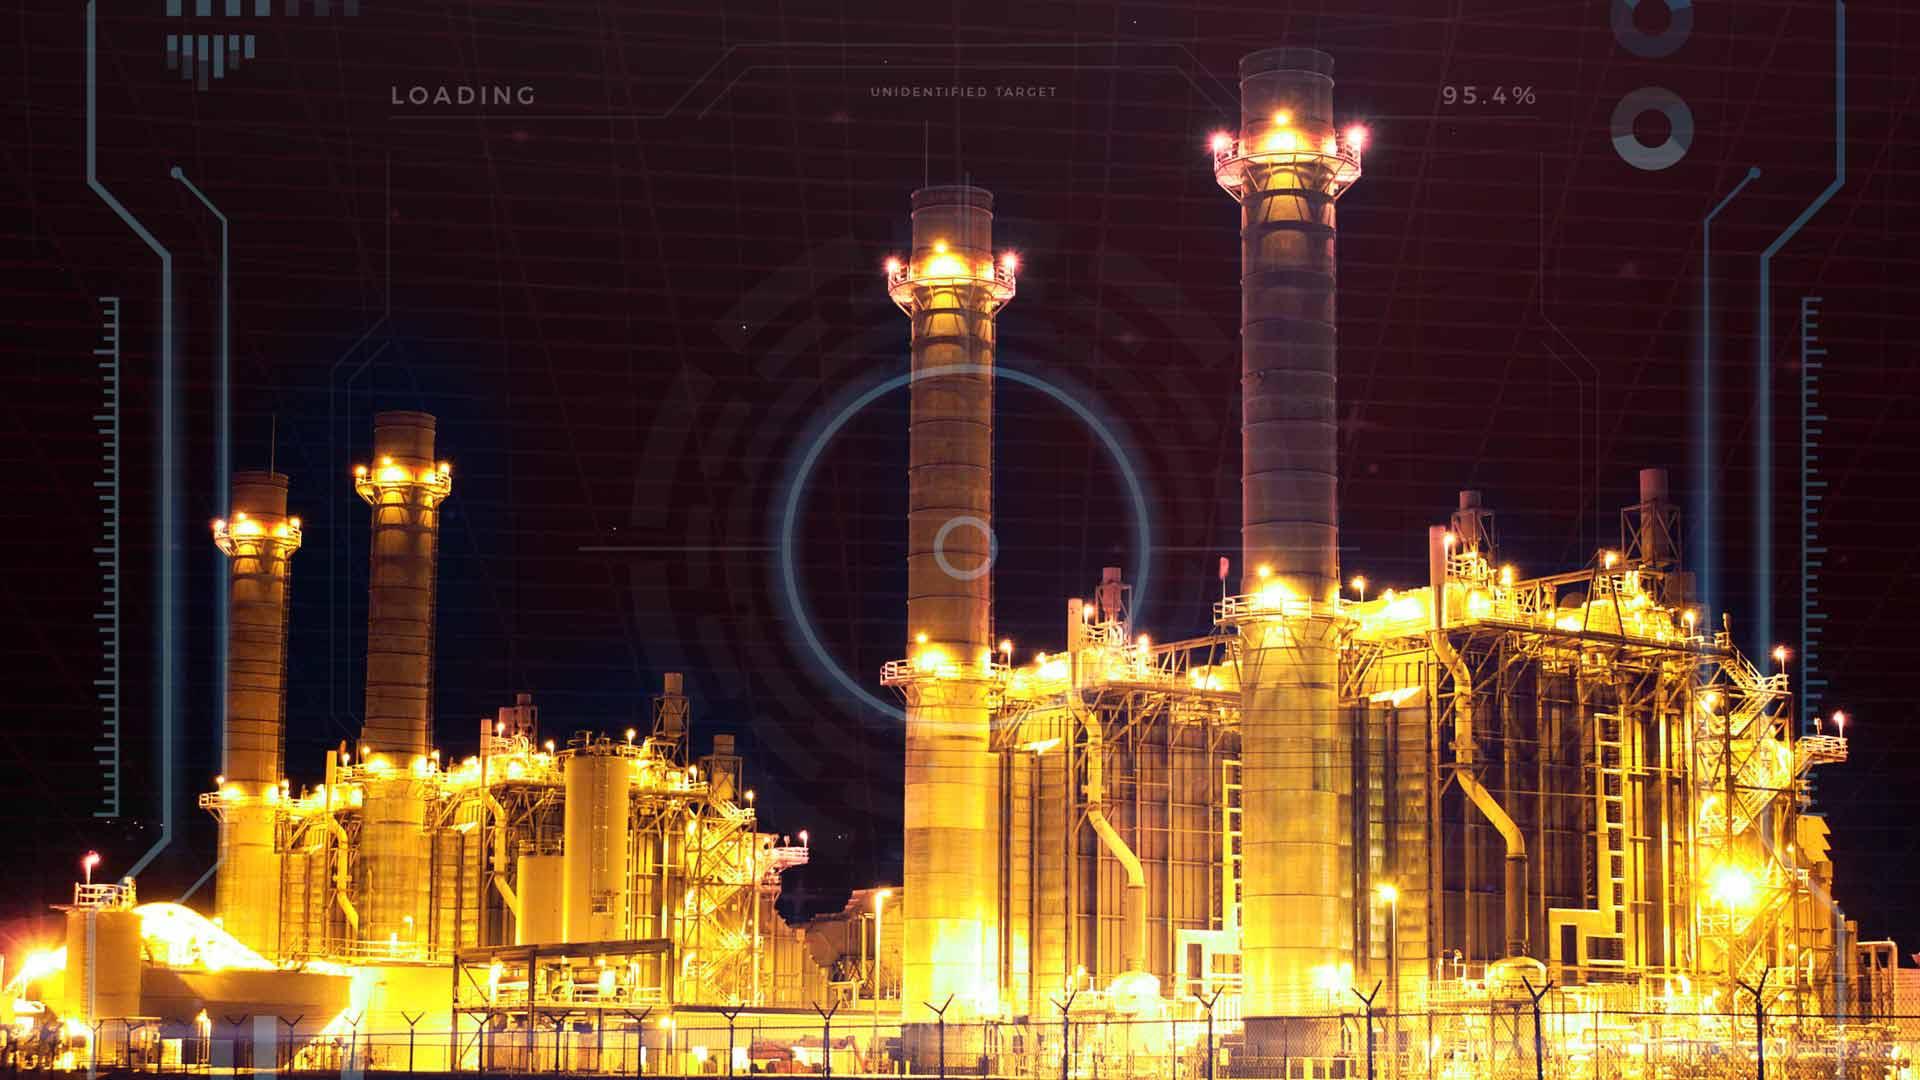 zutrittskontrolle, sicherheitssysteme, prozessbeobachtung, thermovision, produktionskontrolle, feuerraumkamera, rauchdetektion, zufahrtskontrolle, cctv-systeme, feuerraumsonde, rauch video, rauch- und brandfrüherkennung, thermalüberwachung, toprollerkamera, pieper video, video systeme